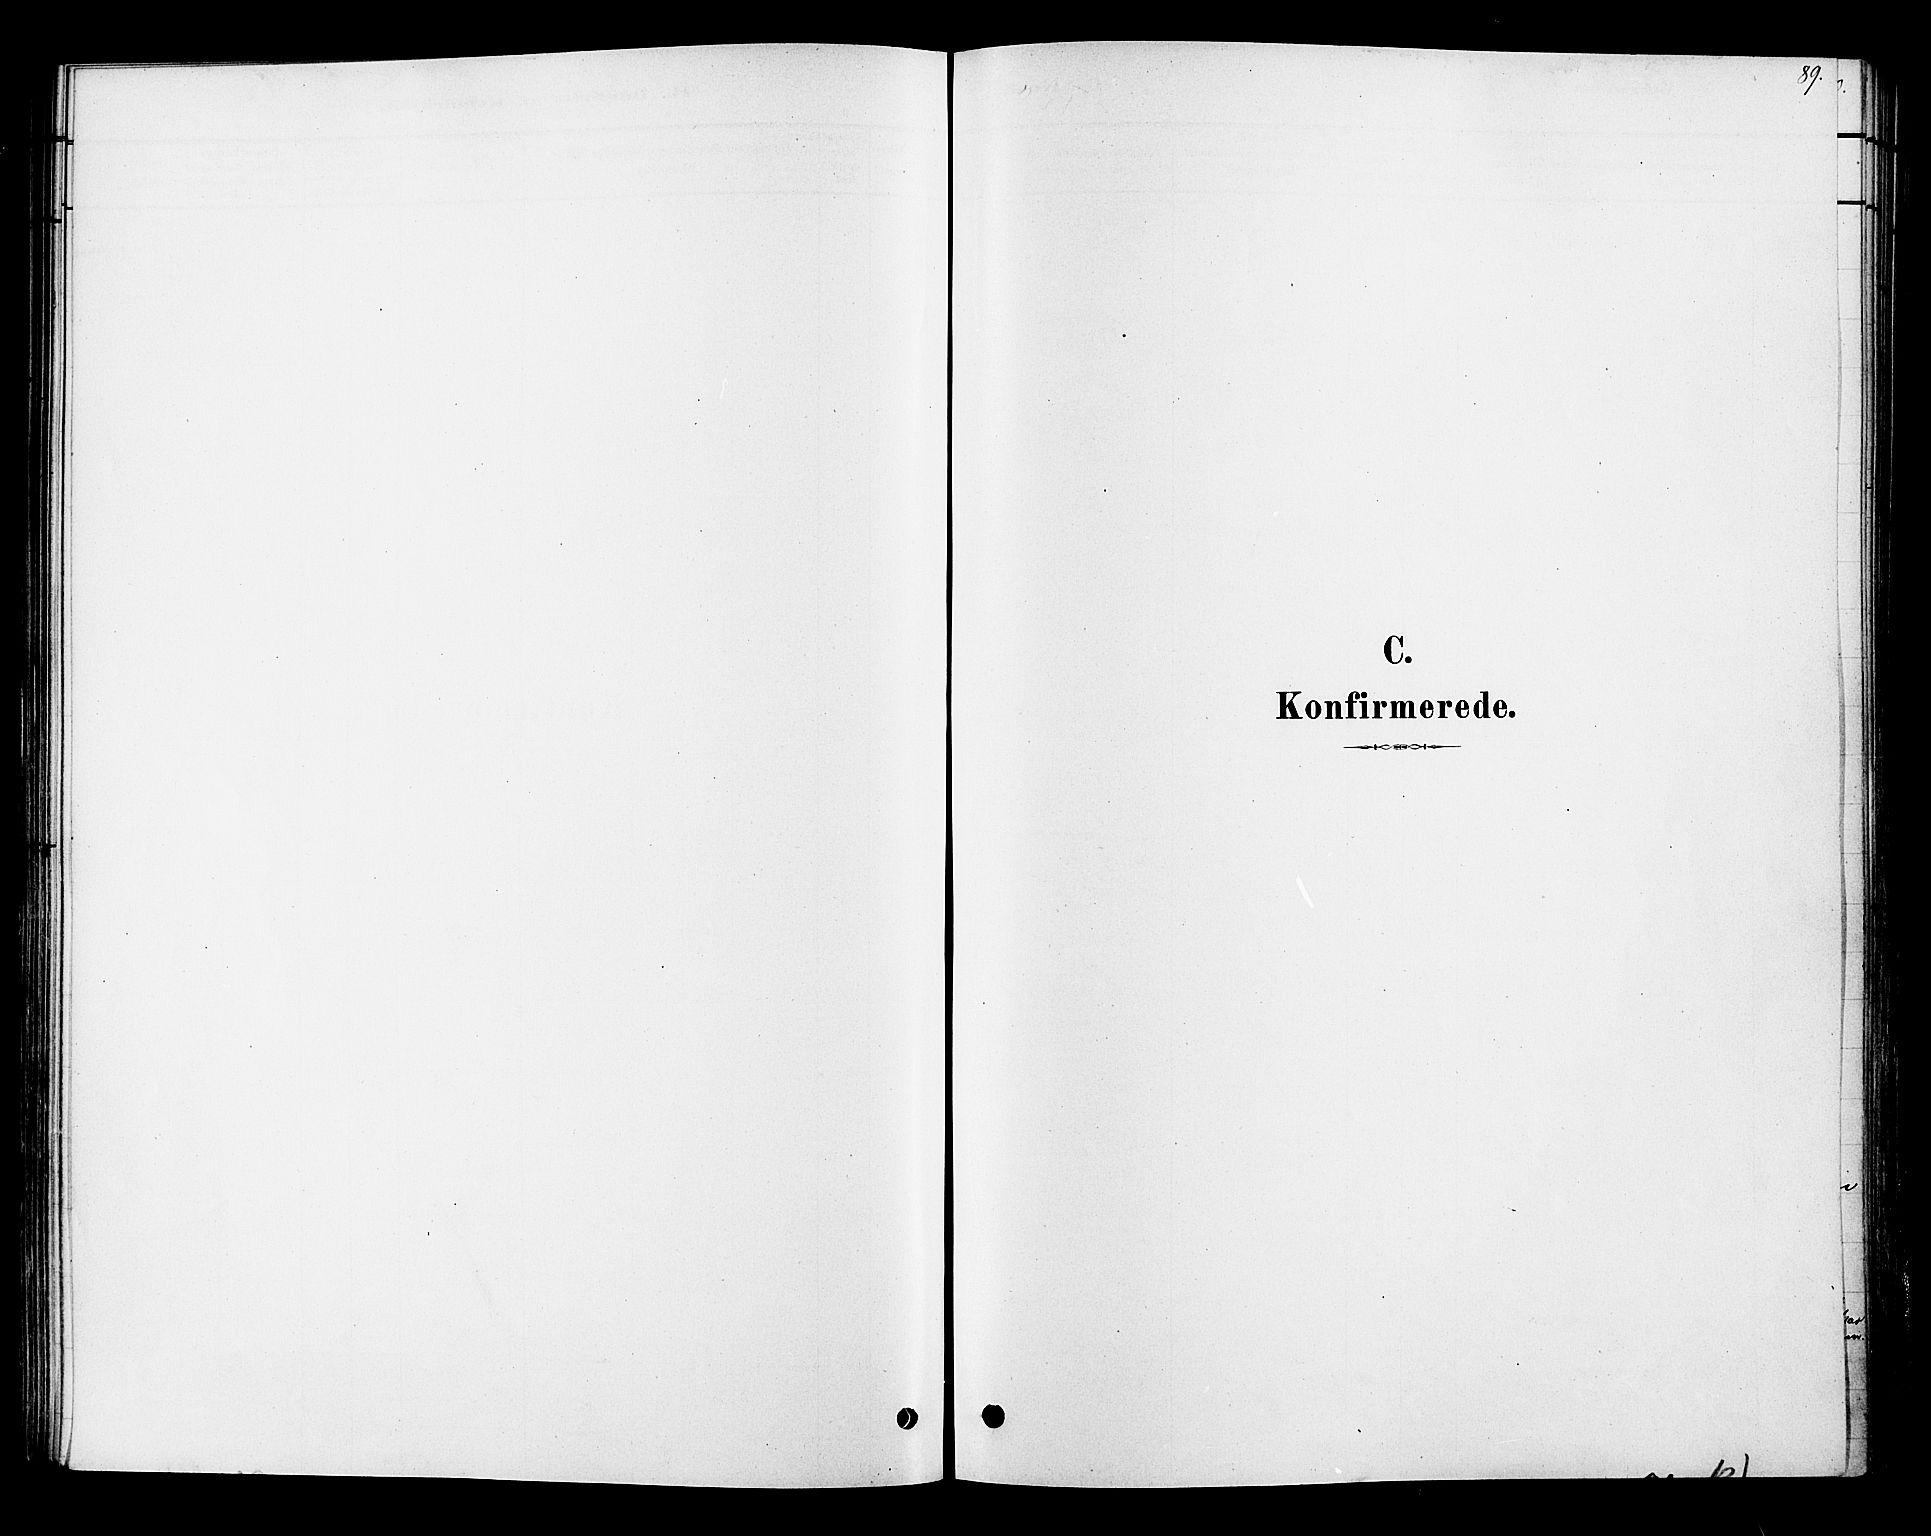 SAH, Ringsaker prestekontor, K/Ka/L0013: Ministerialbok nr. 13, 1879-1890, s. 89